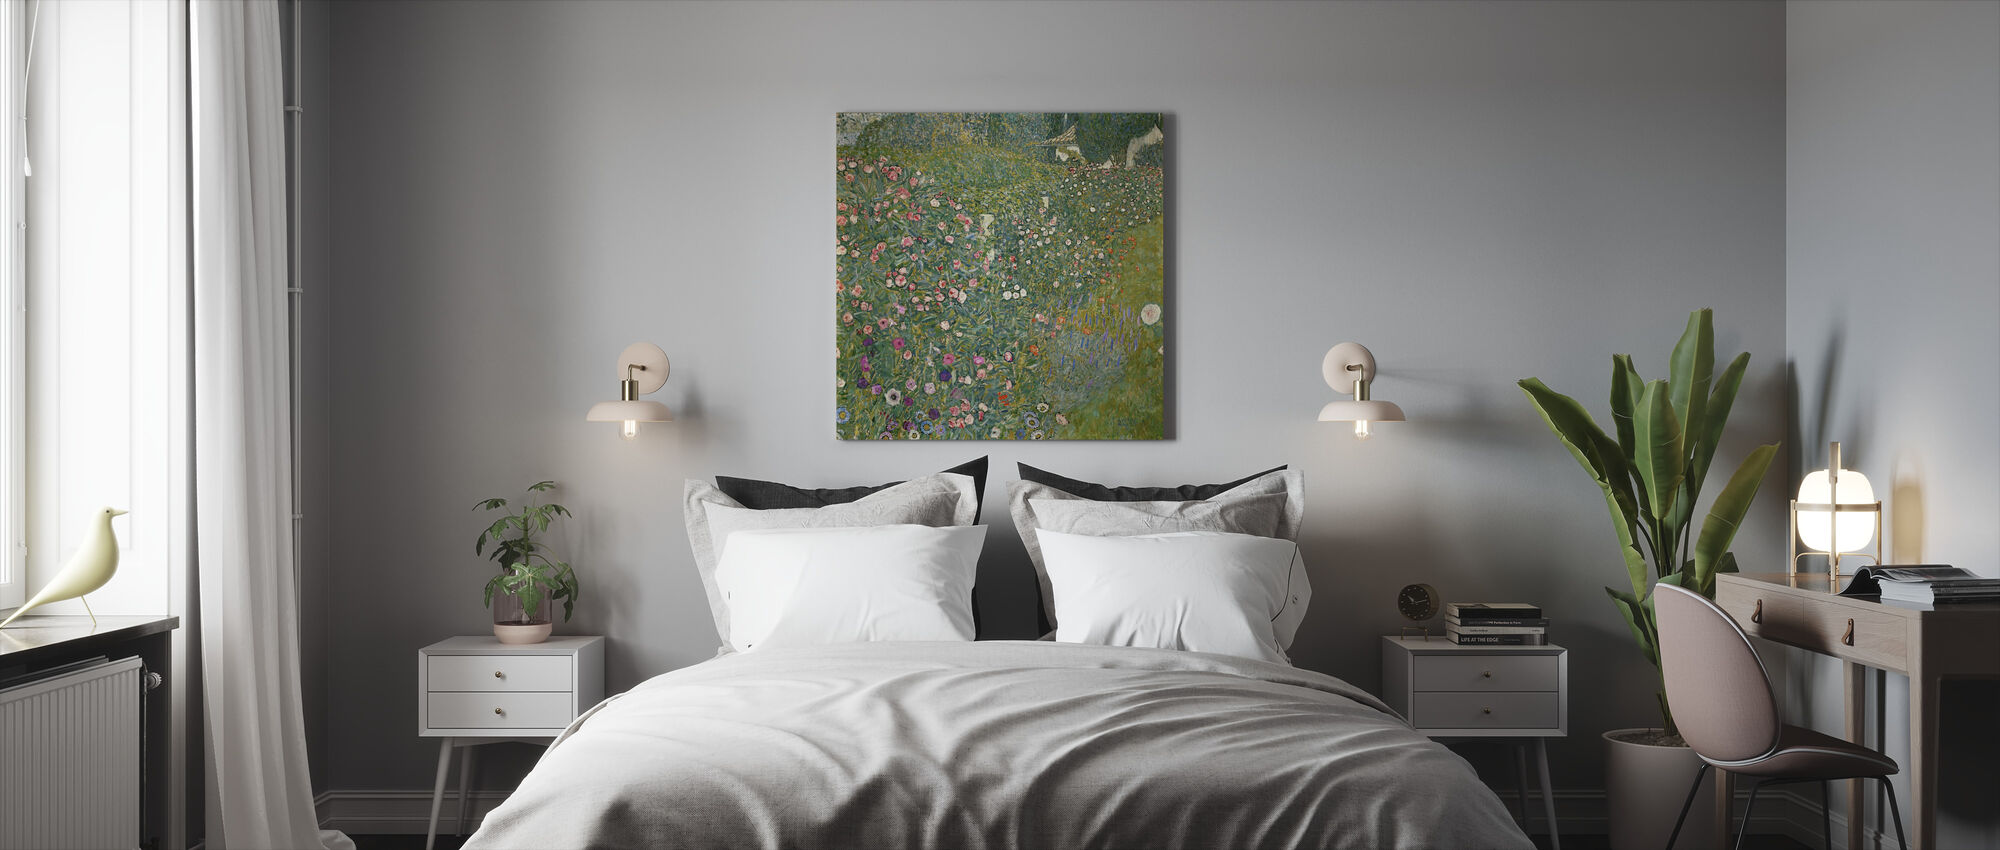 Klimt, Gustav - Italiensk have landskab - Billede på lærred - Soveværelse